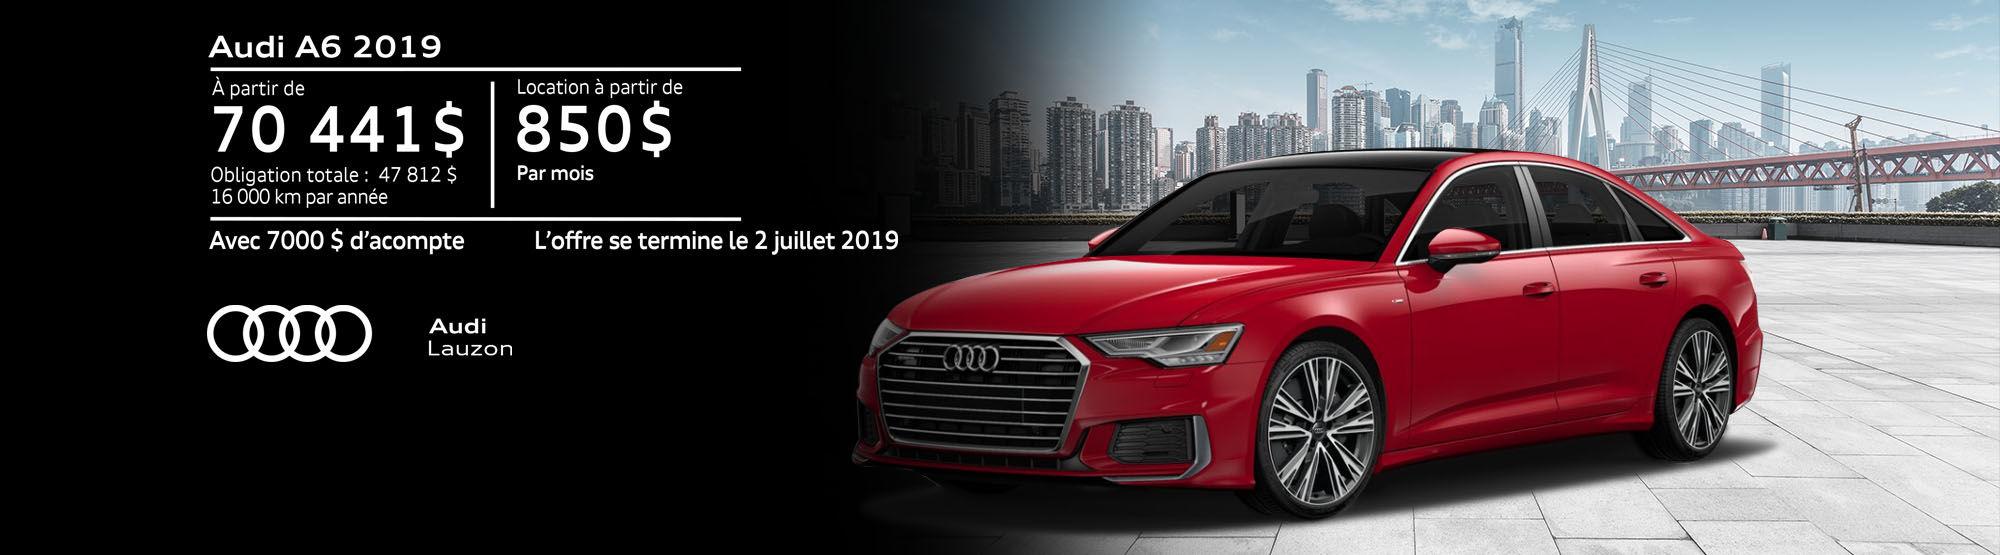 Audi A6 juin 2019